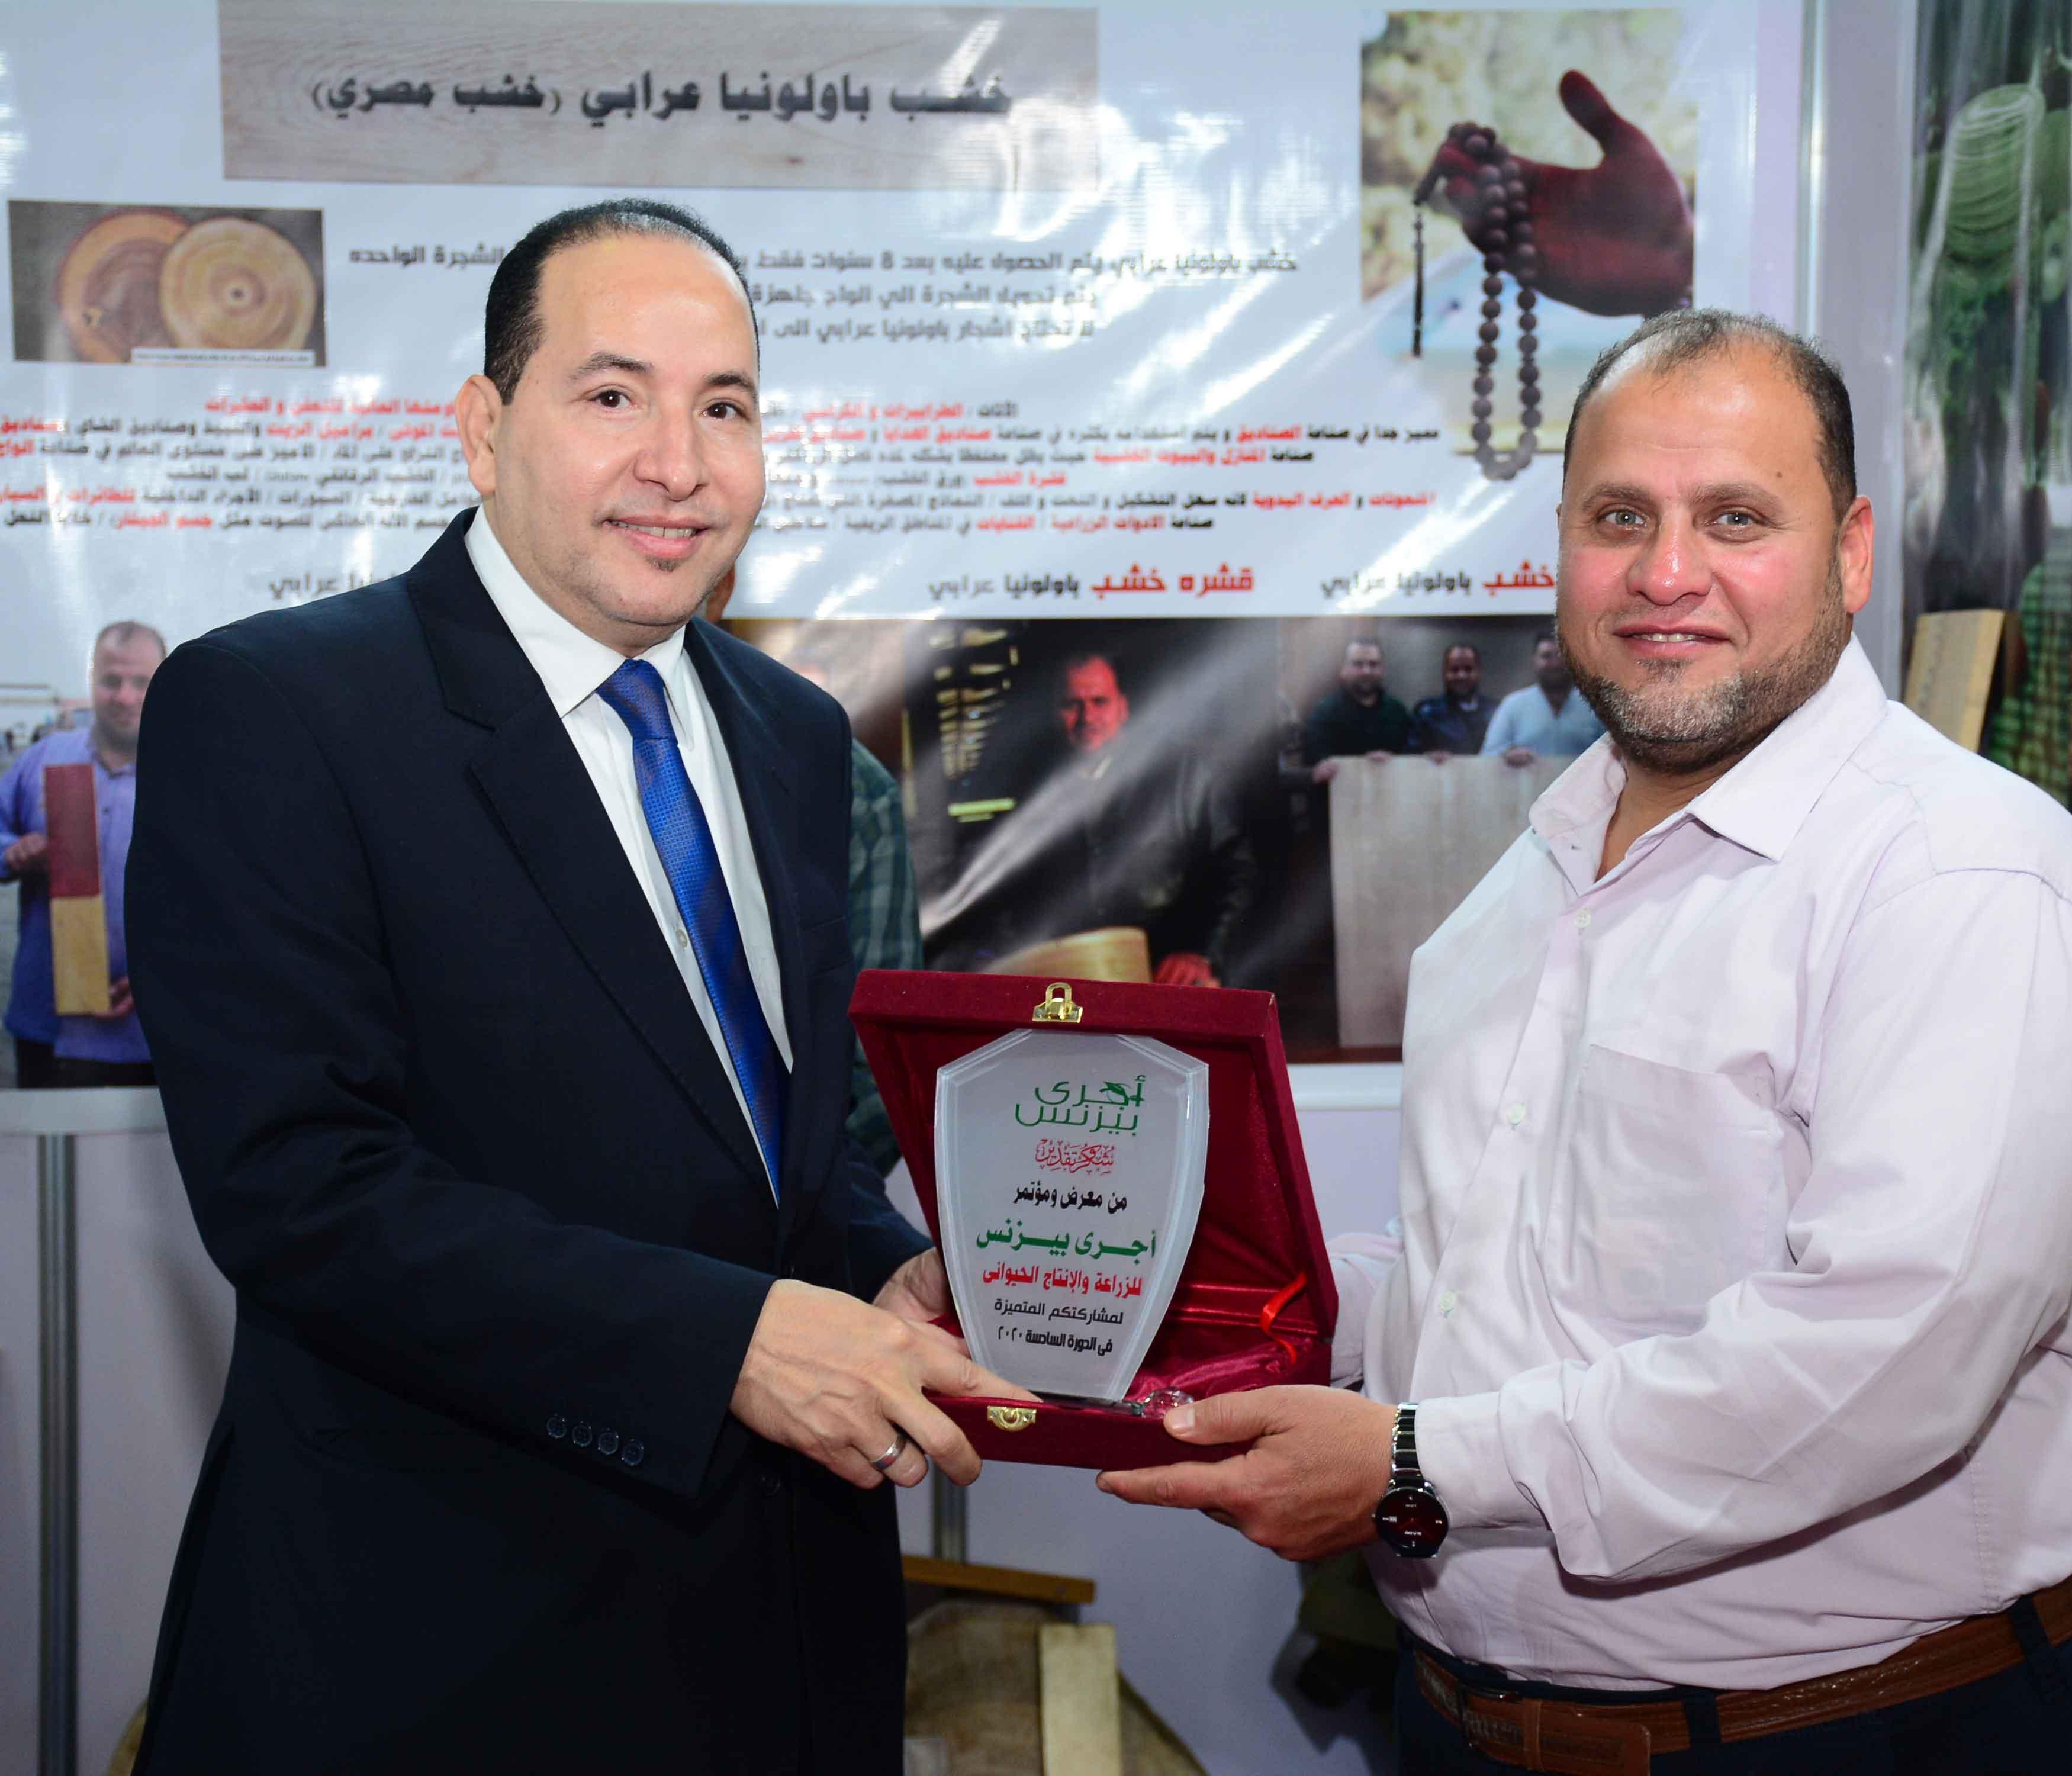 الجمعية المصرية للأشجار الخشبية وحماية البيئة (جمعية بولونيا المصرية)